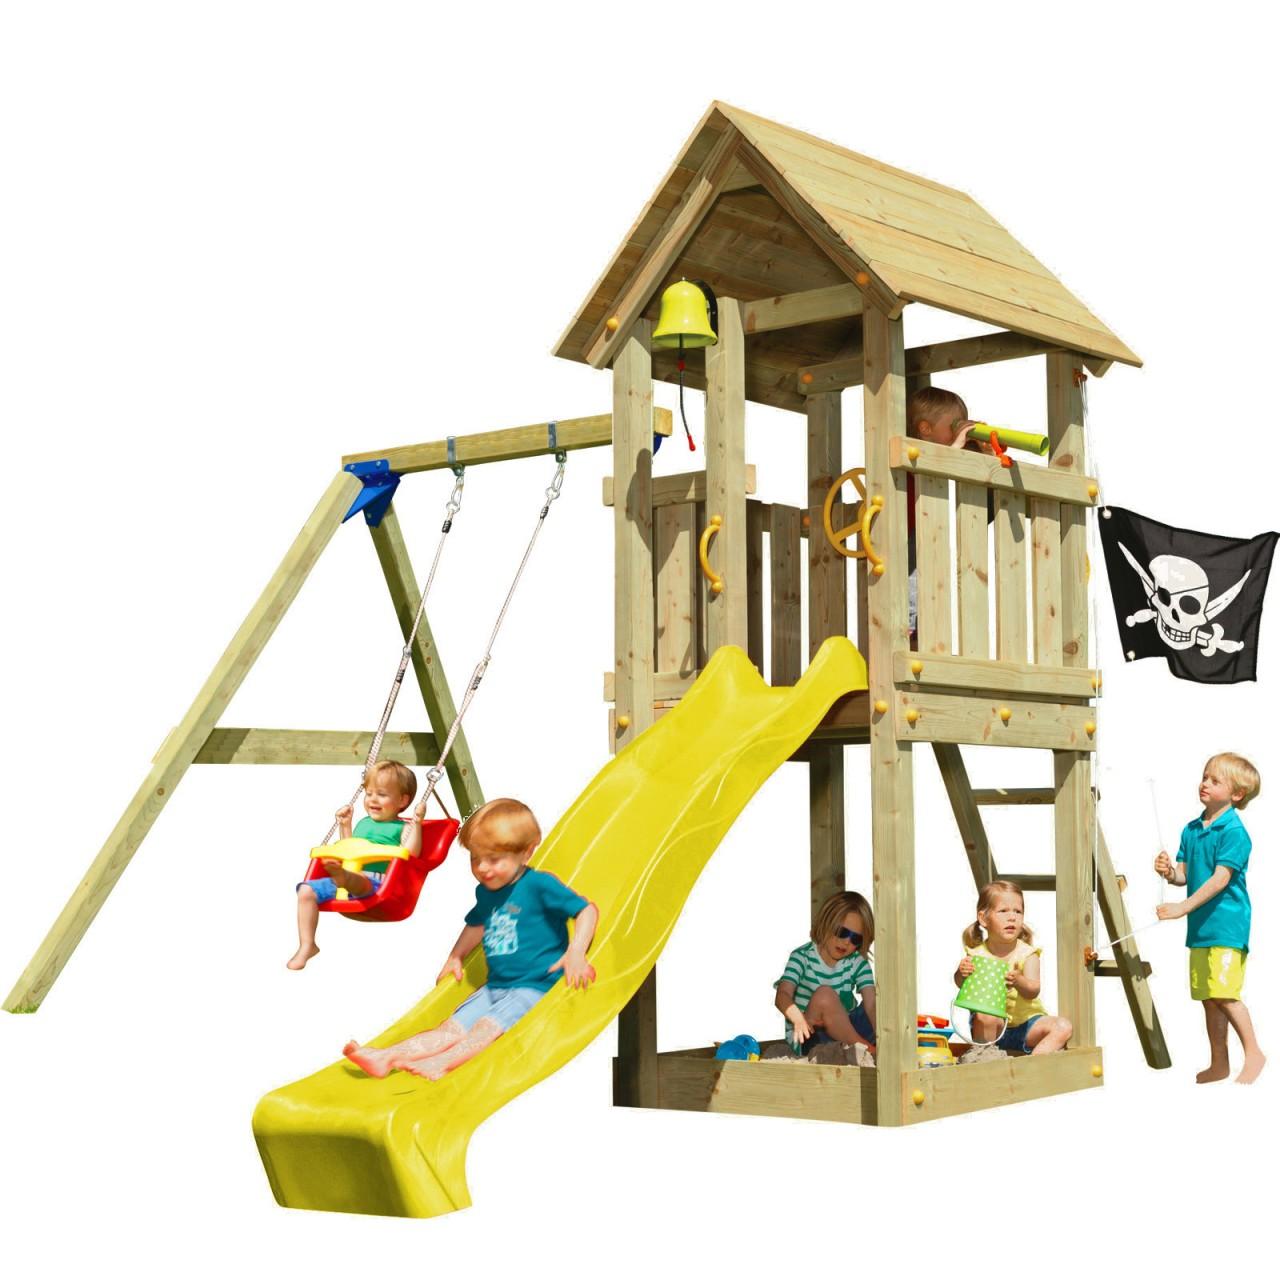 Spielturm KIOSK mit Rutsche + Babyschaukel Gelb